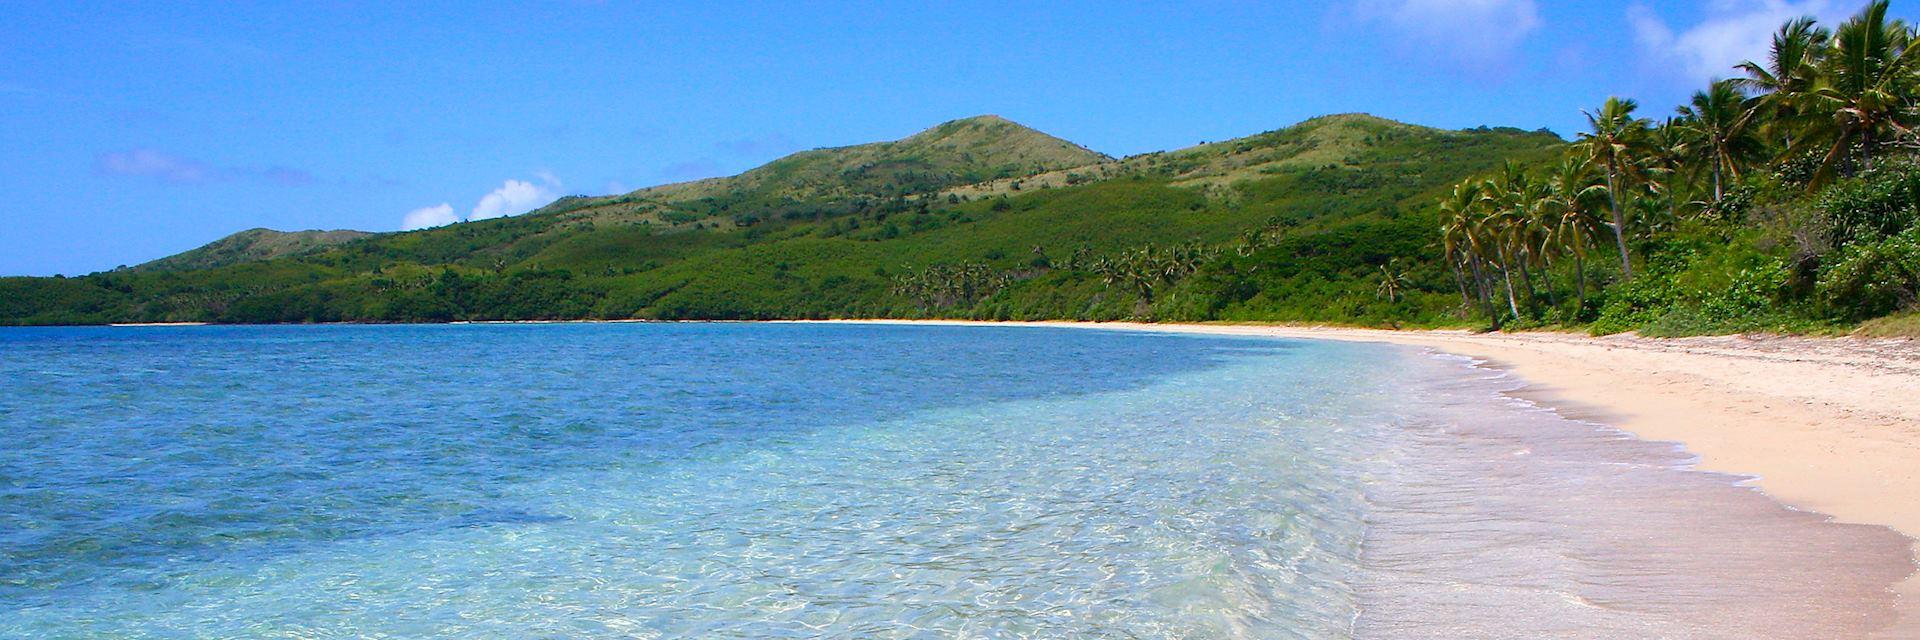 Yasawa Islands beach, Fiji